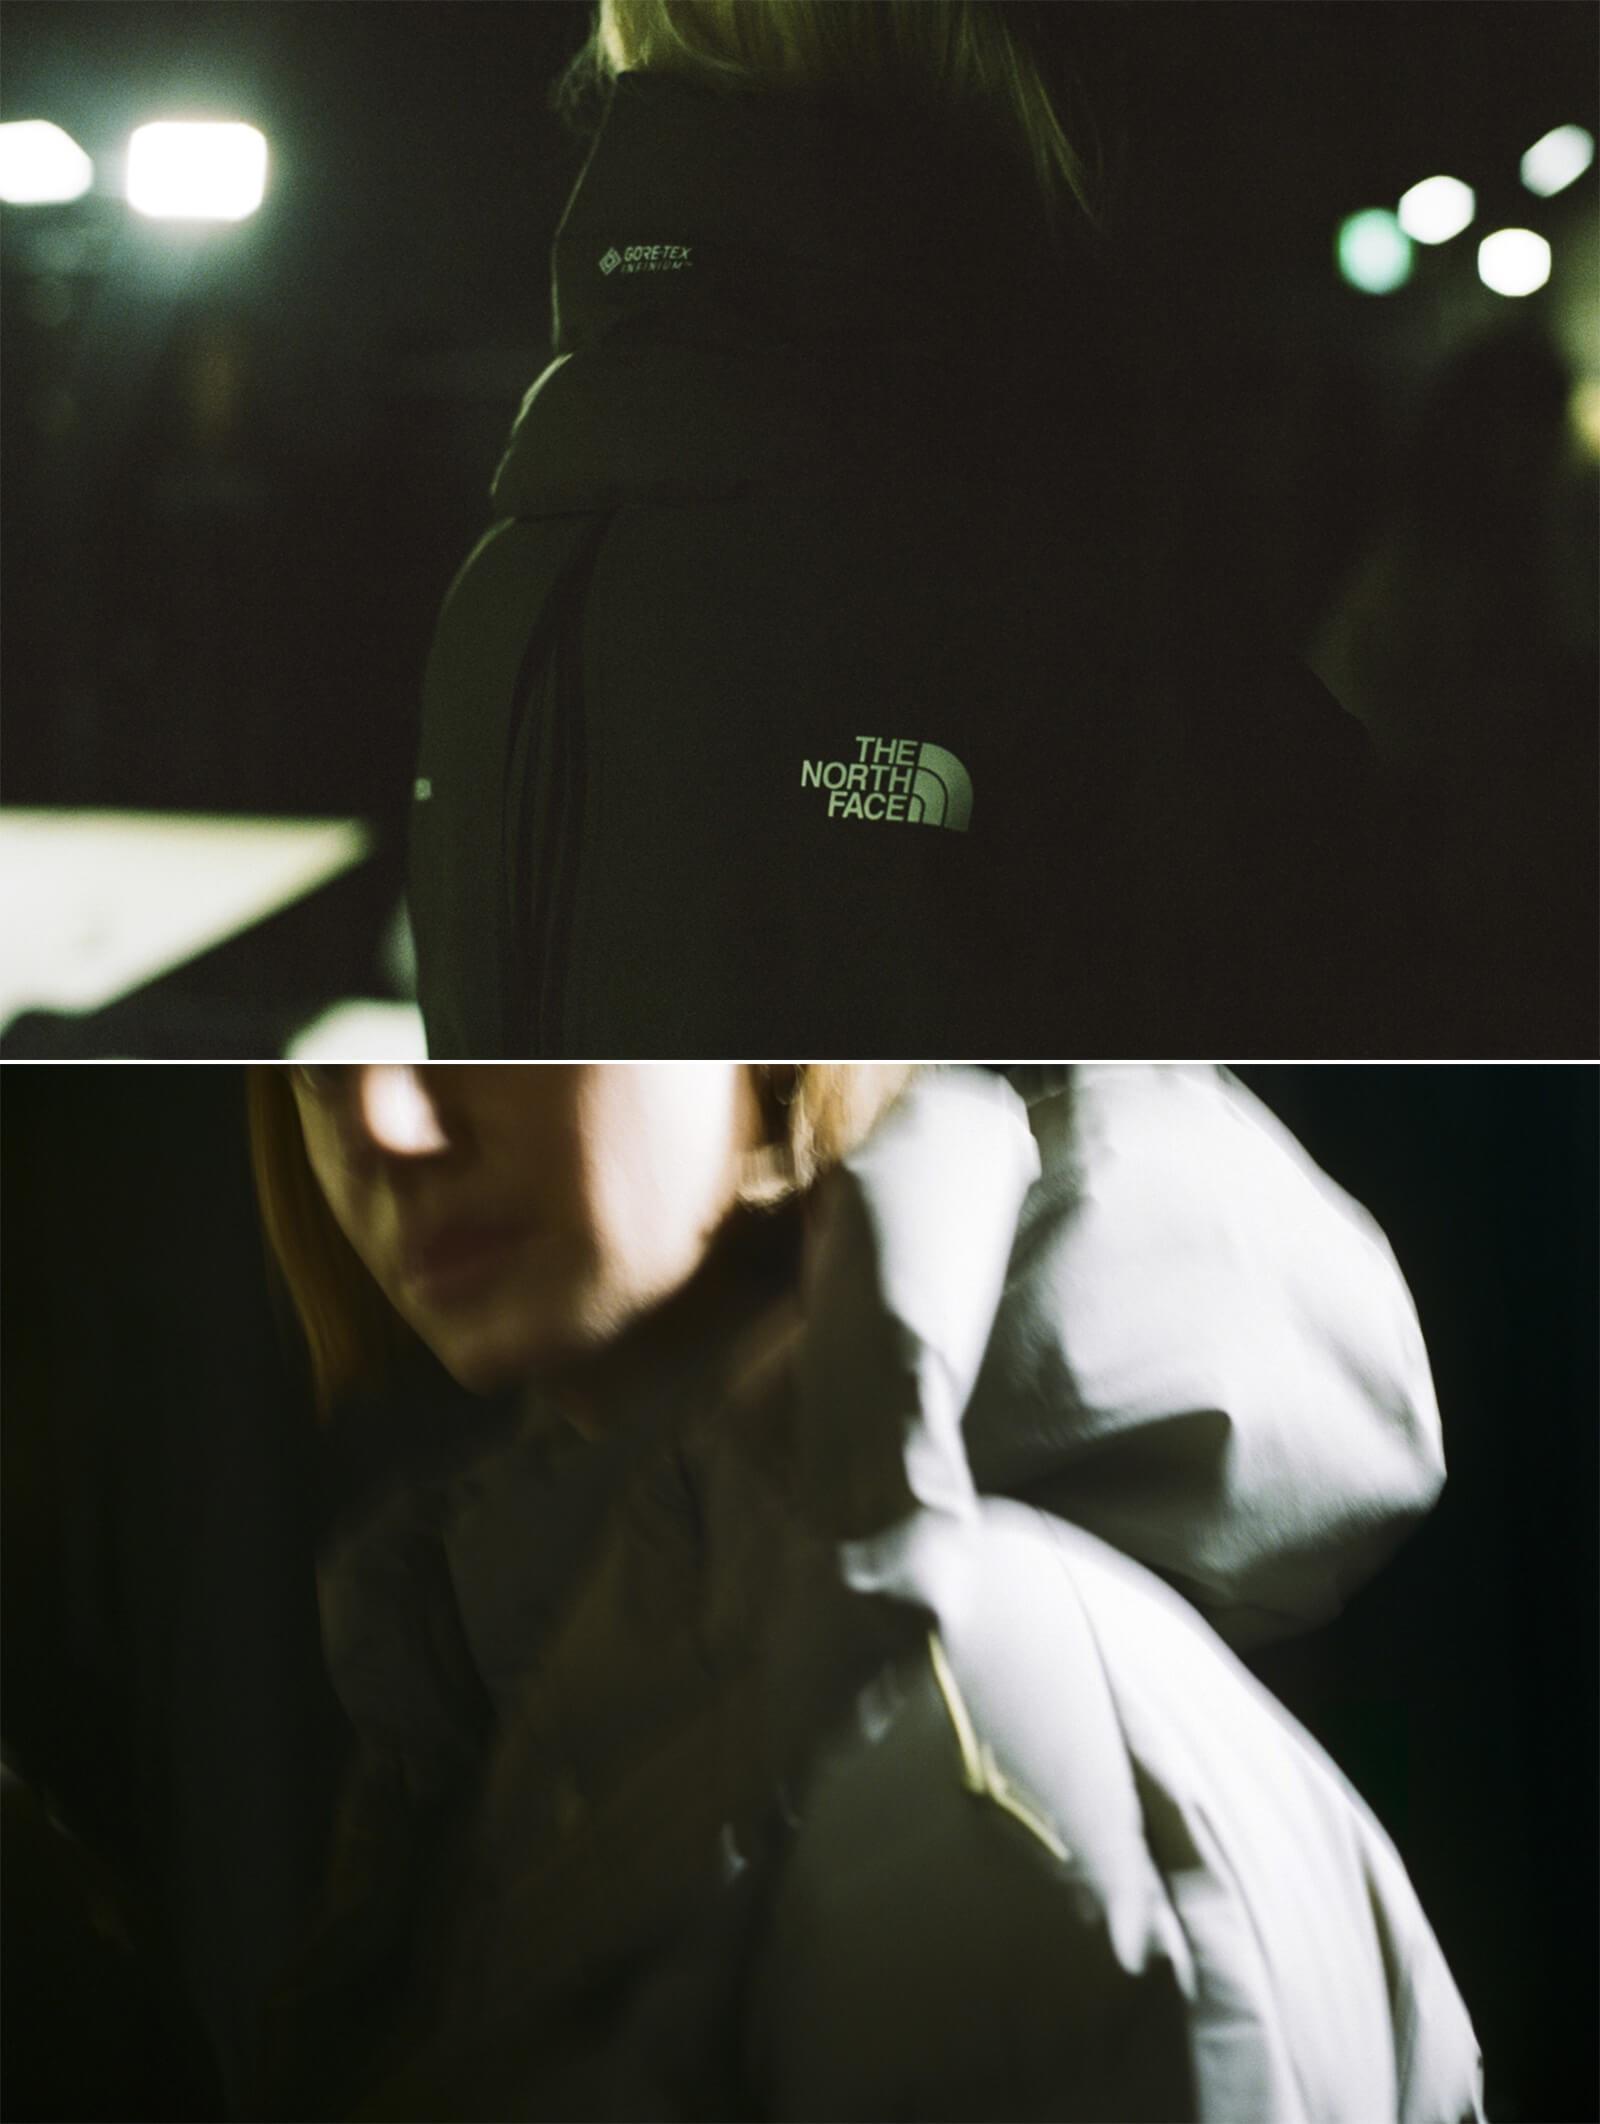 THE NORTH FACE HYKE ノースフェイス ハイク コラボレーション 吉原秀明 水谷太郎 インタビュー 発売 ダウン ロング フリース